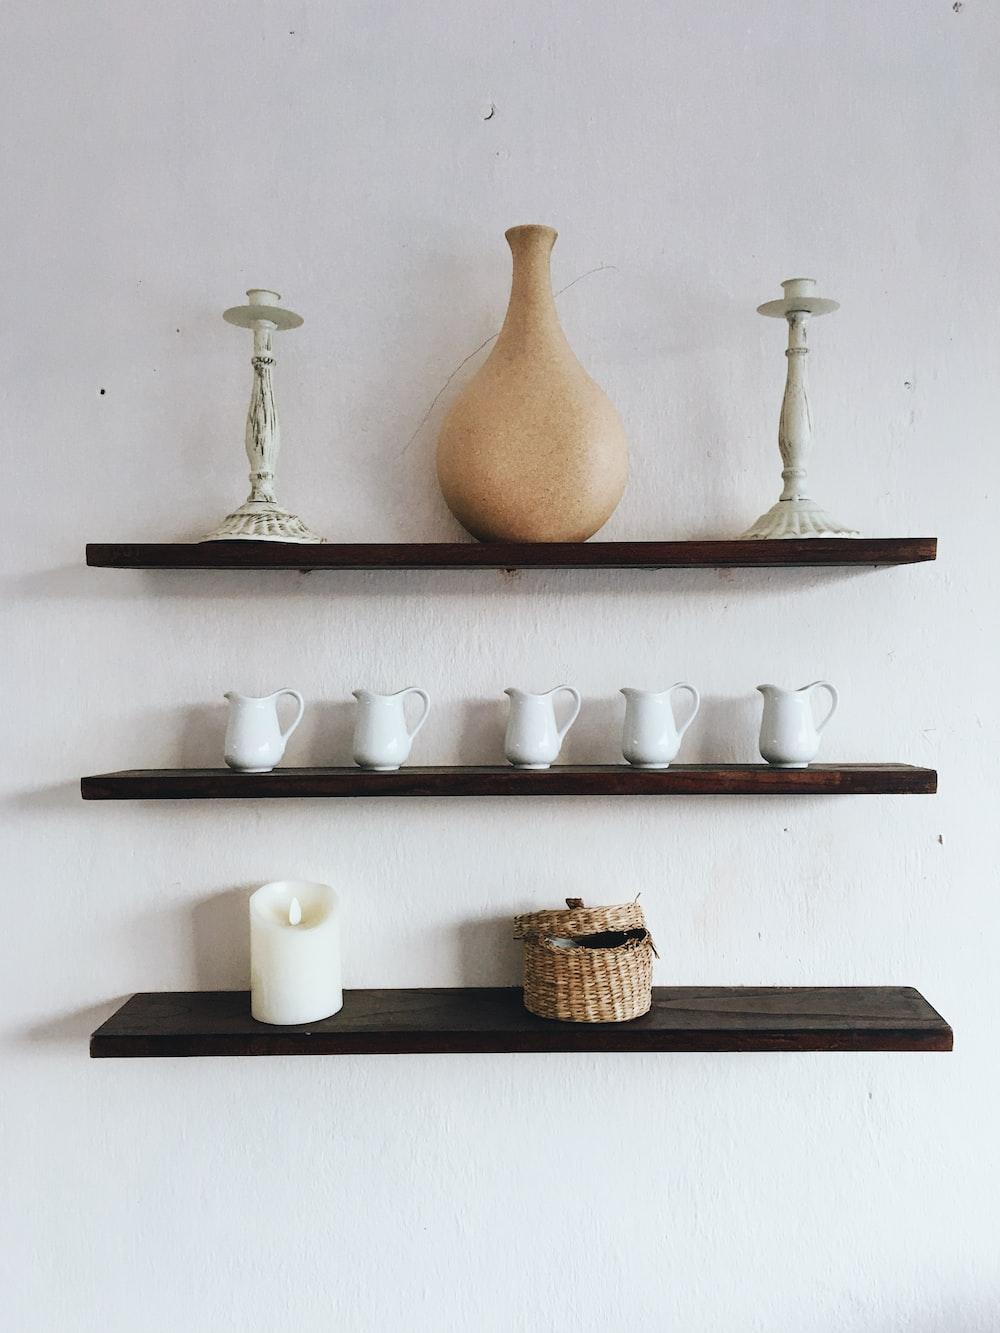 white and brown ceramic vase on white wooden shelf